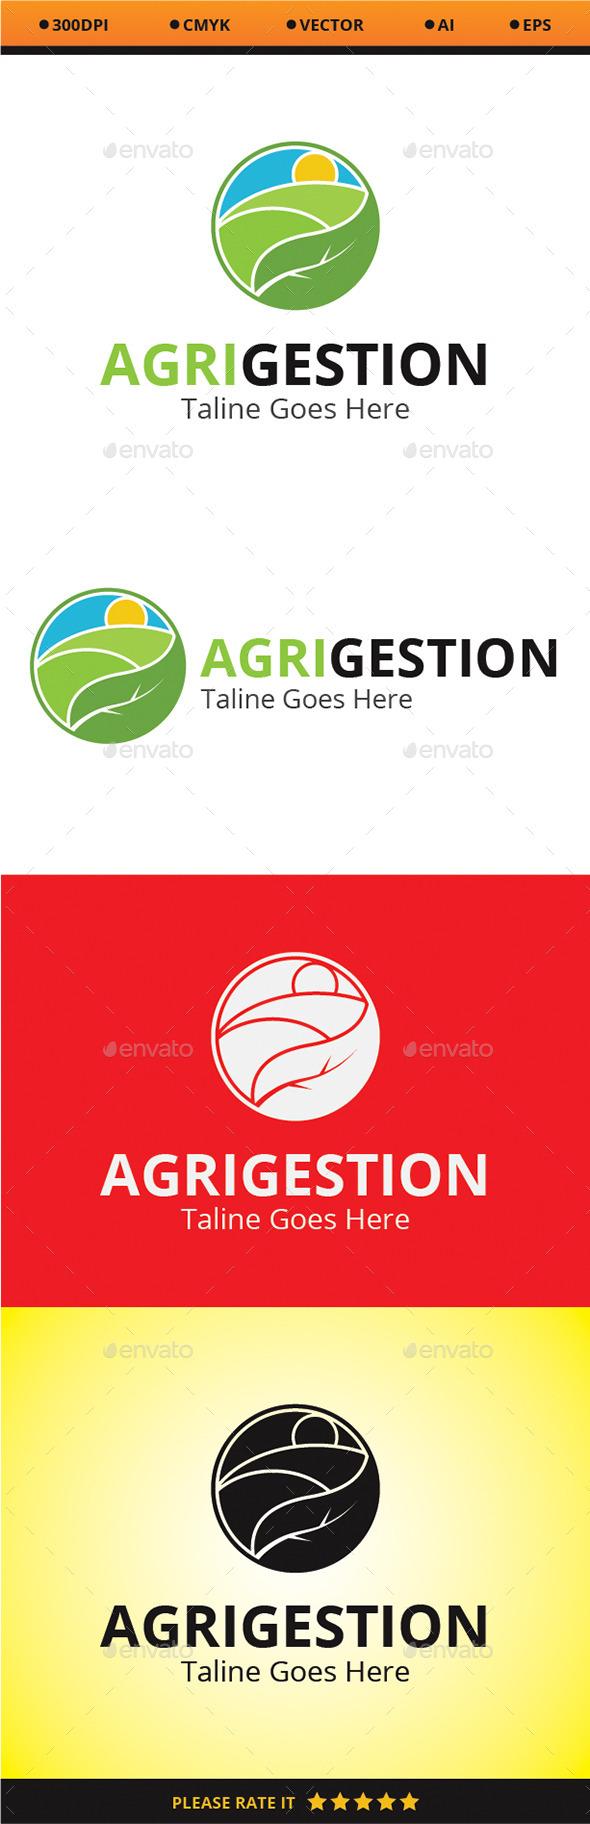 Agri Gestion